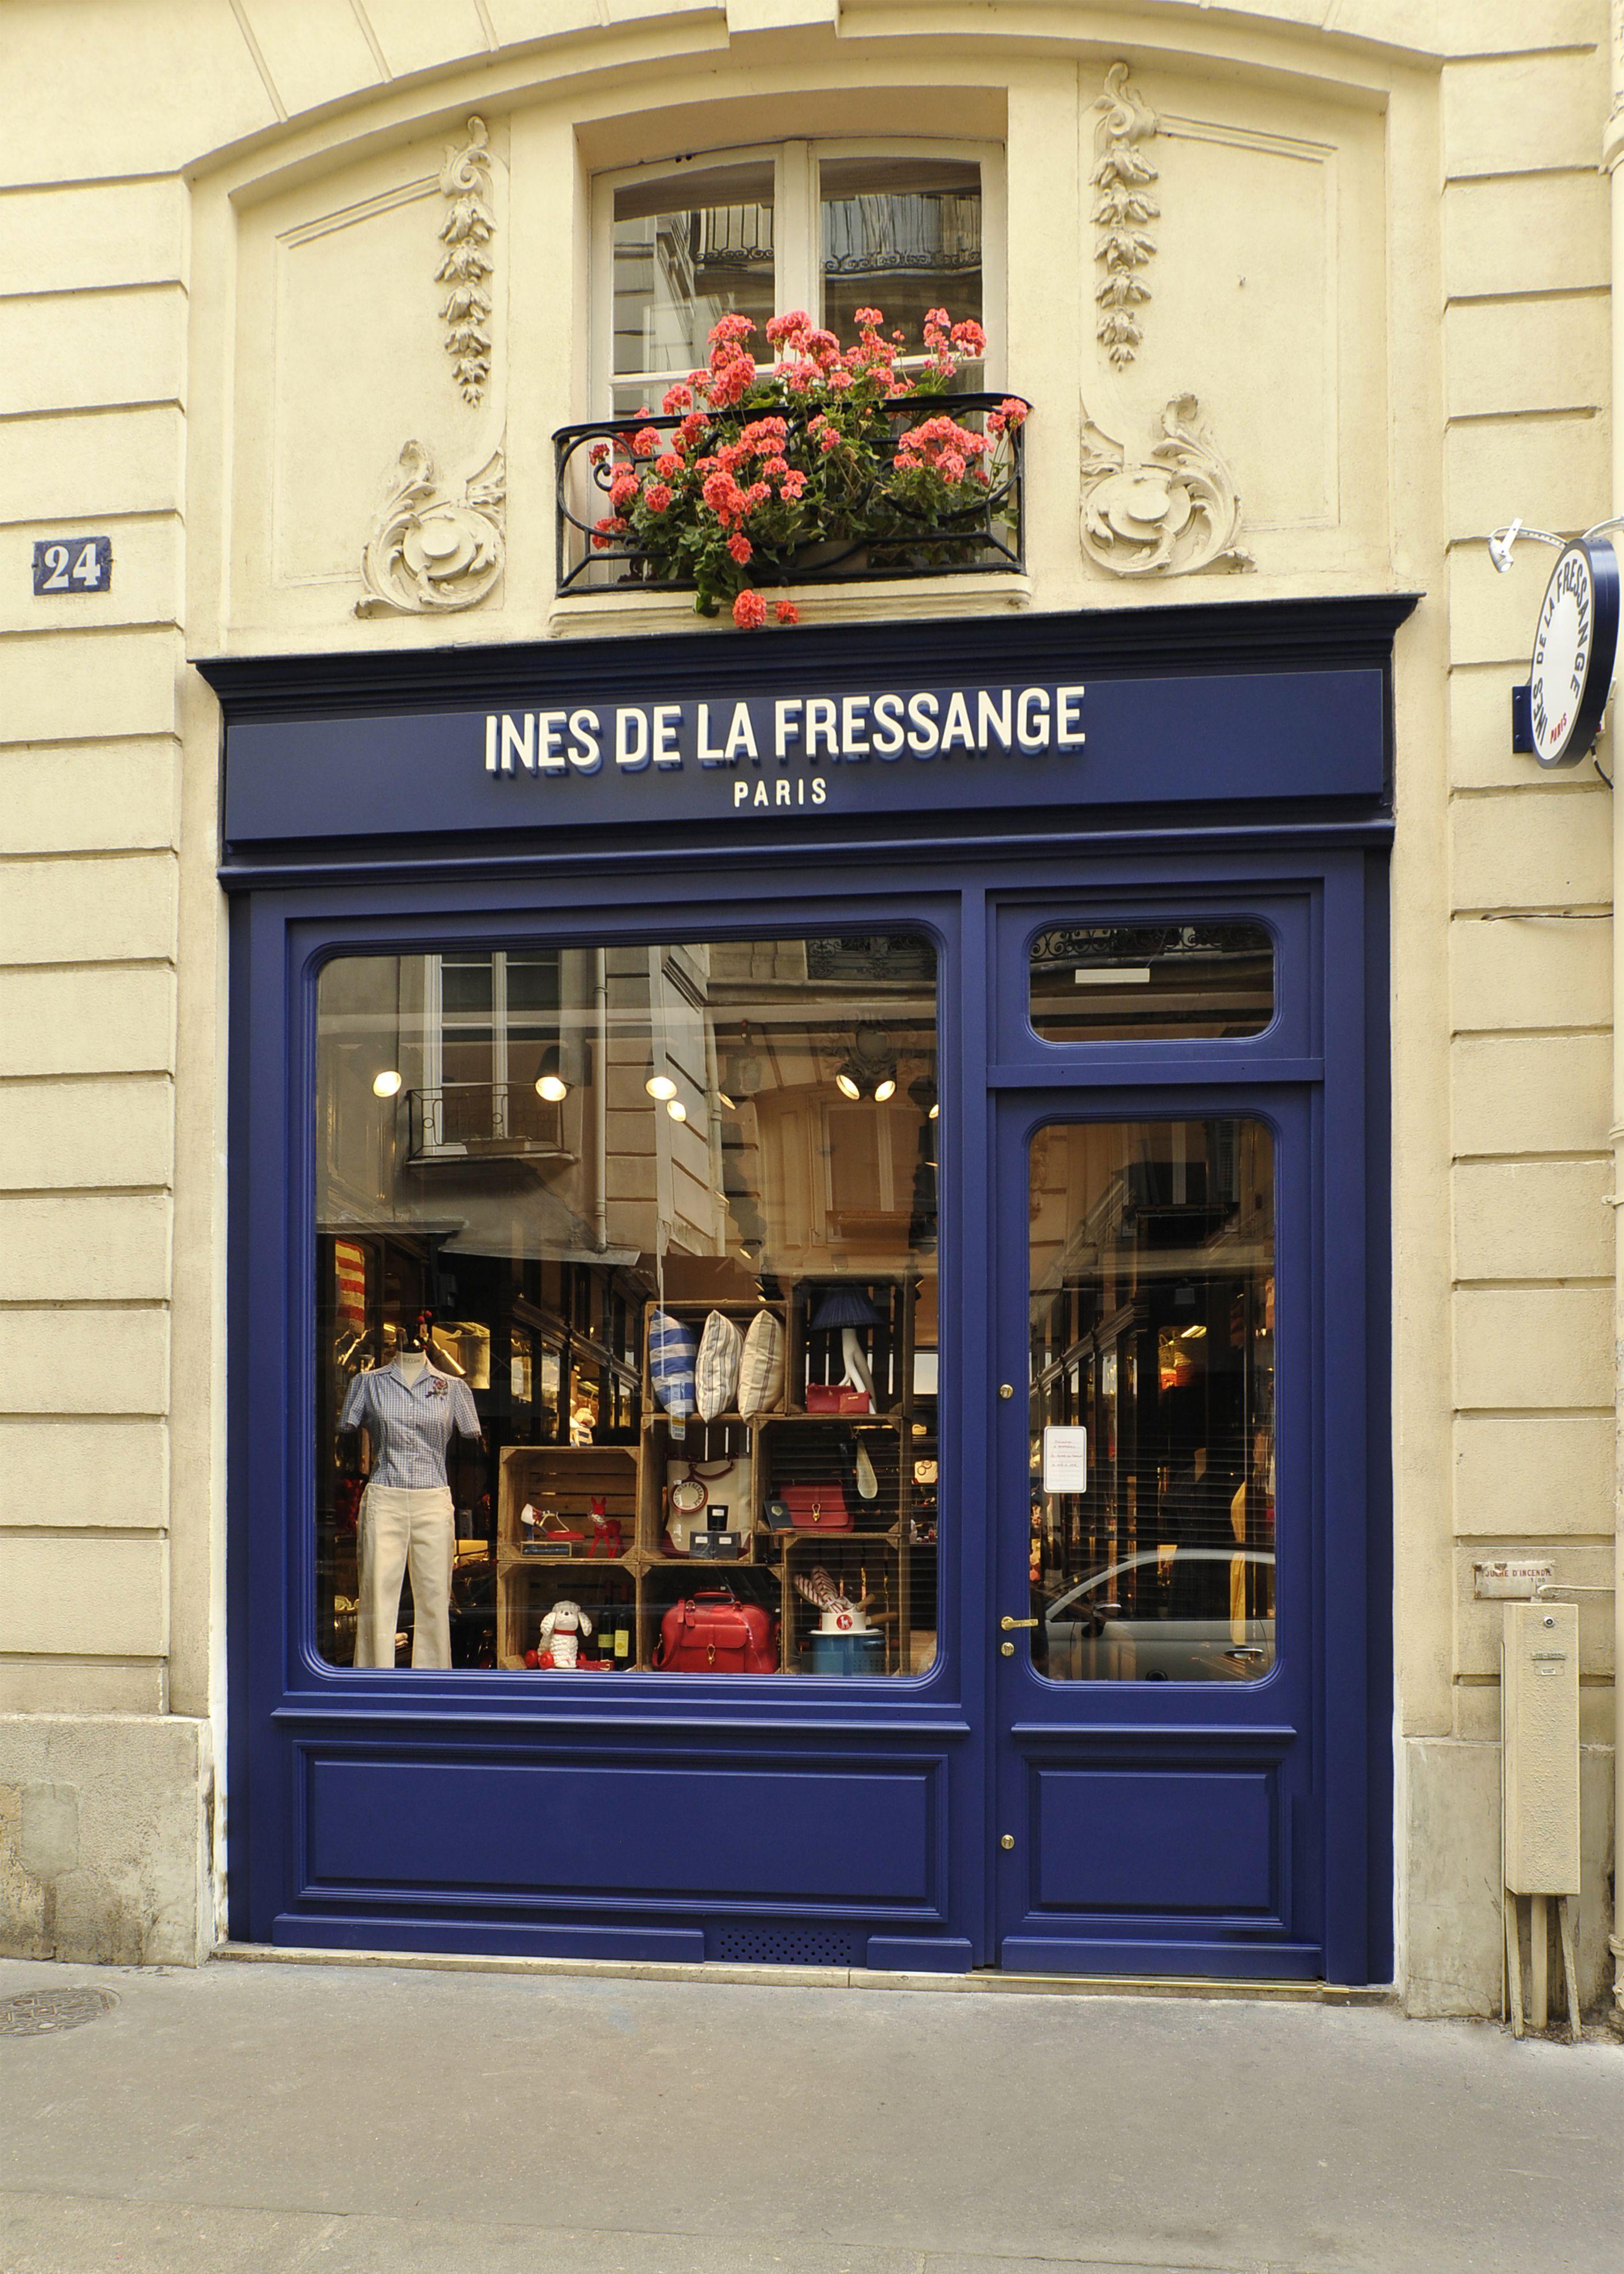 24 rue de grenelle ines de la fressange paris la maison du chic parisien parisian. Black Bedroom Furniture Sets. Home Design Ideas